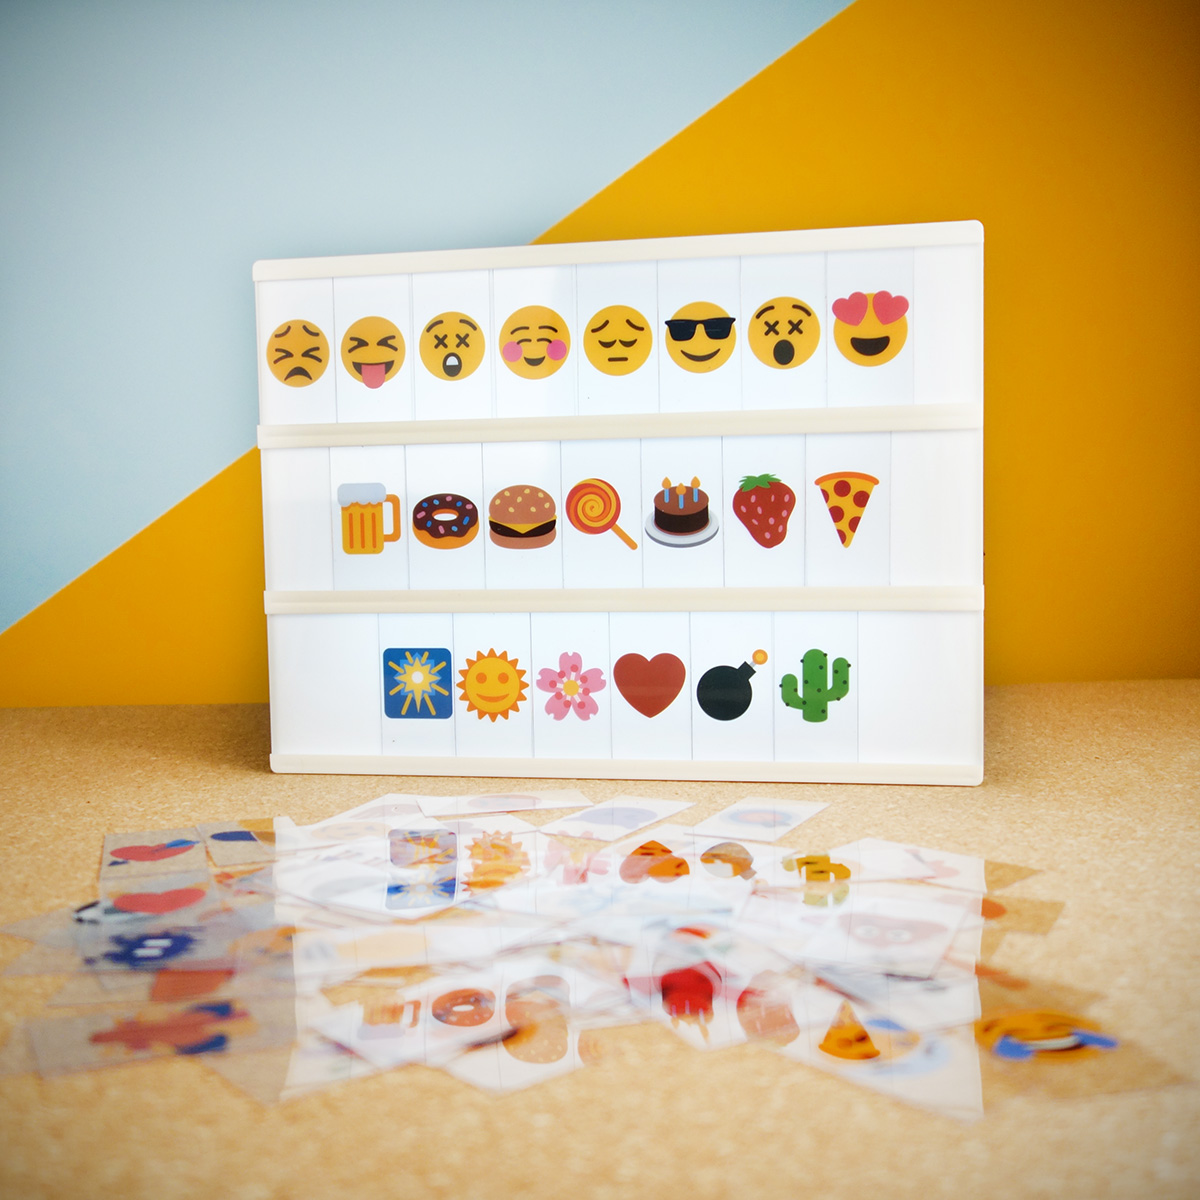 Emoji Set für Tischleuchte Kino Leuchtreklame